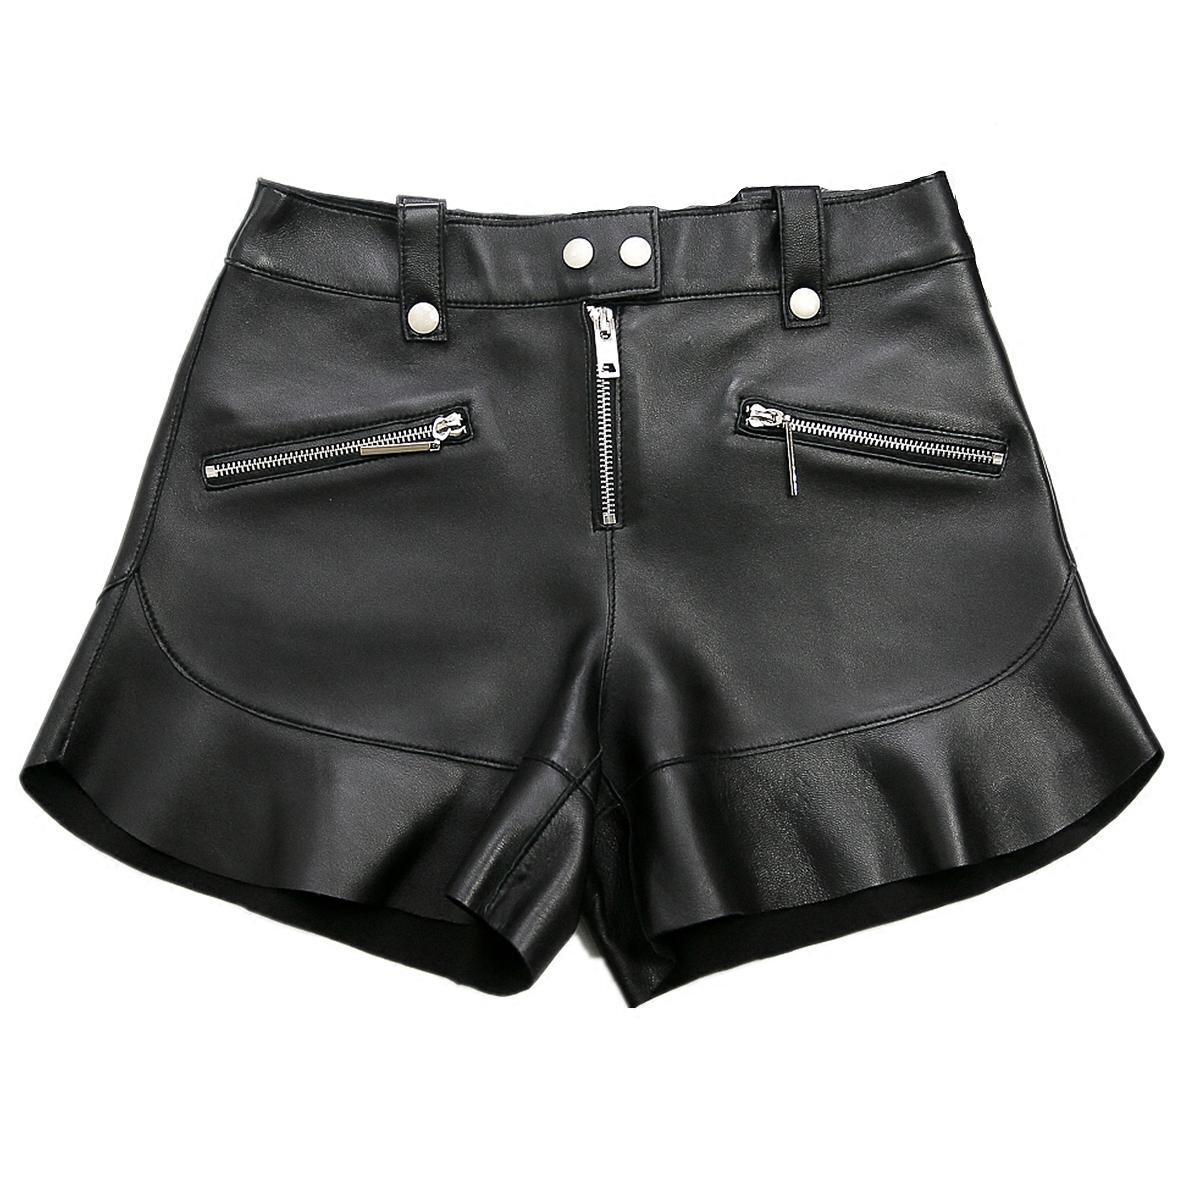 Mestudios高端定制进口绵羊皮靴裤真皮短裤阔腿鱼尾裙裤小羊皮女优惠券